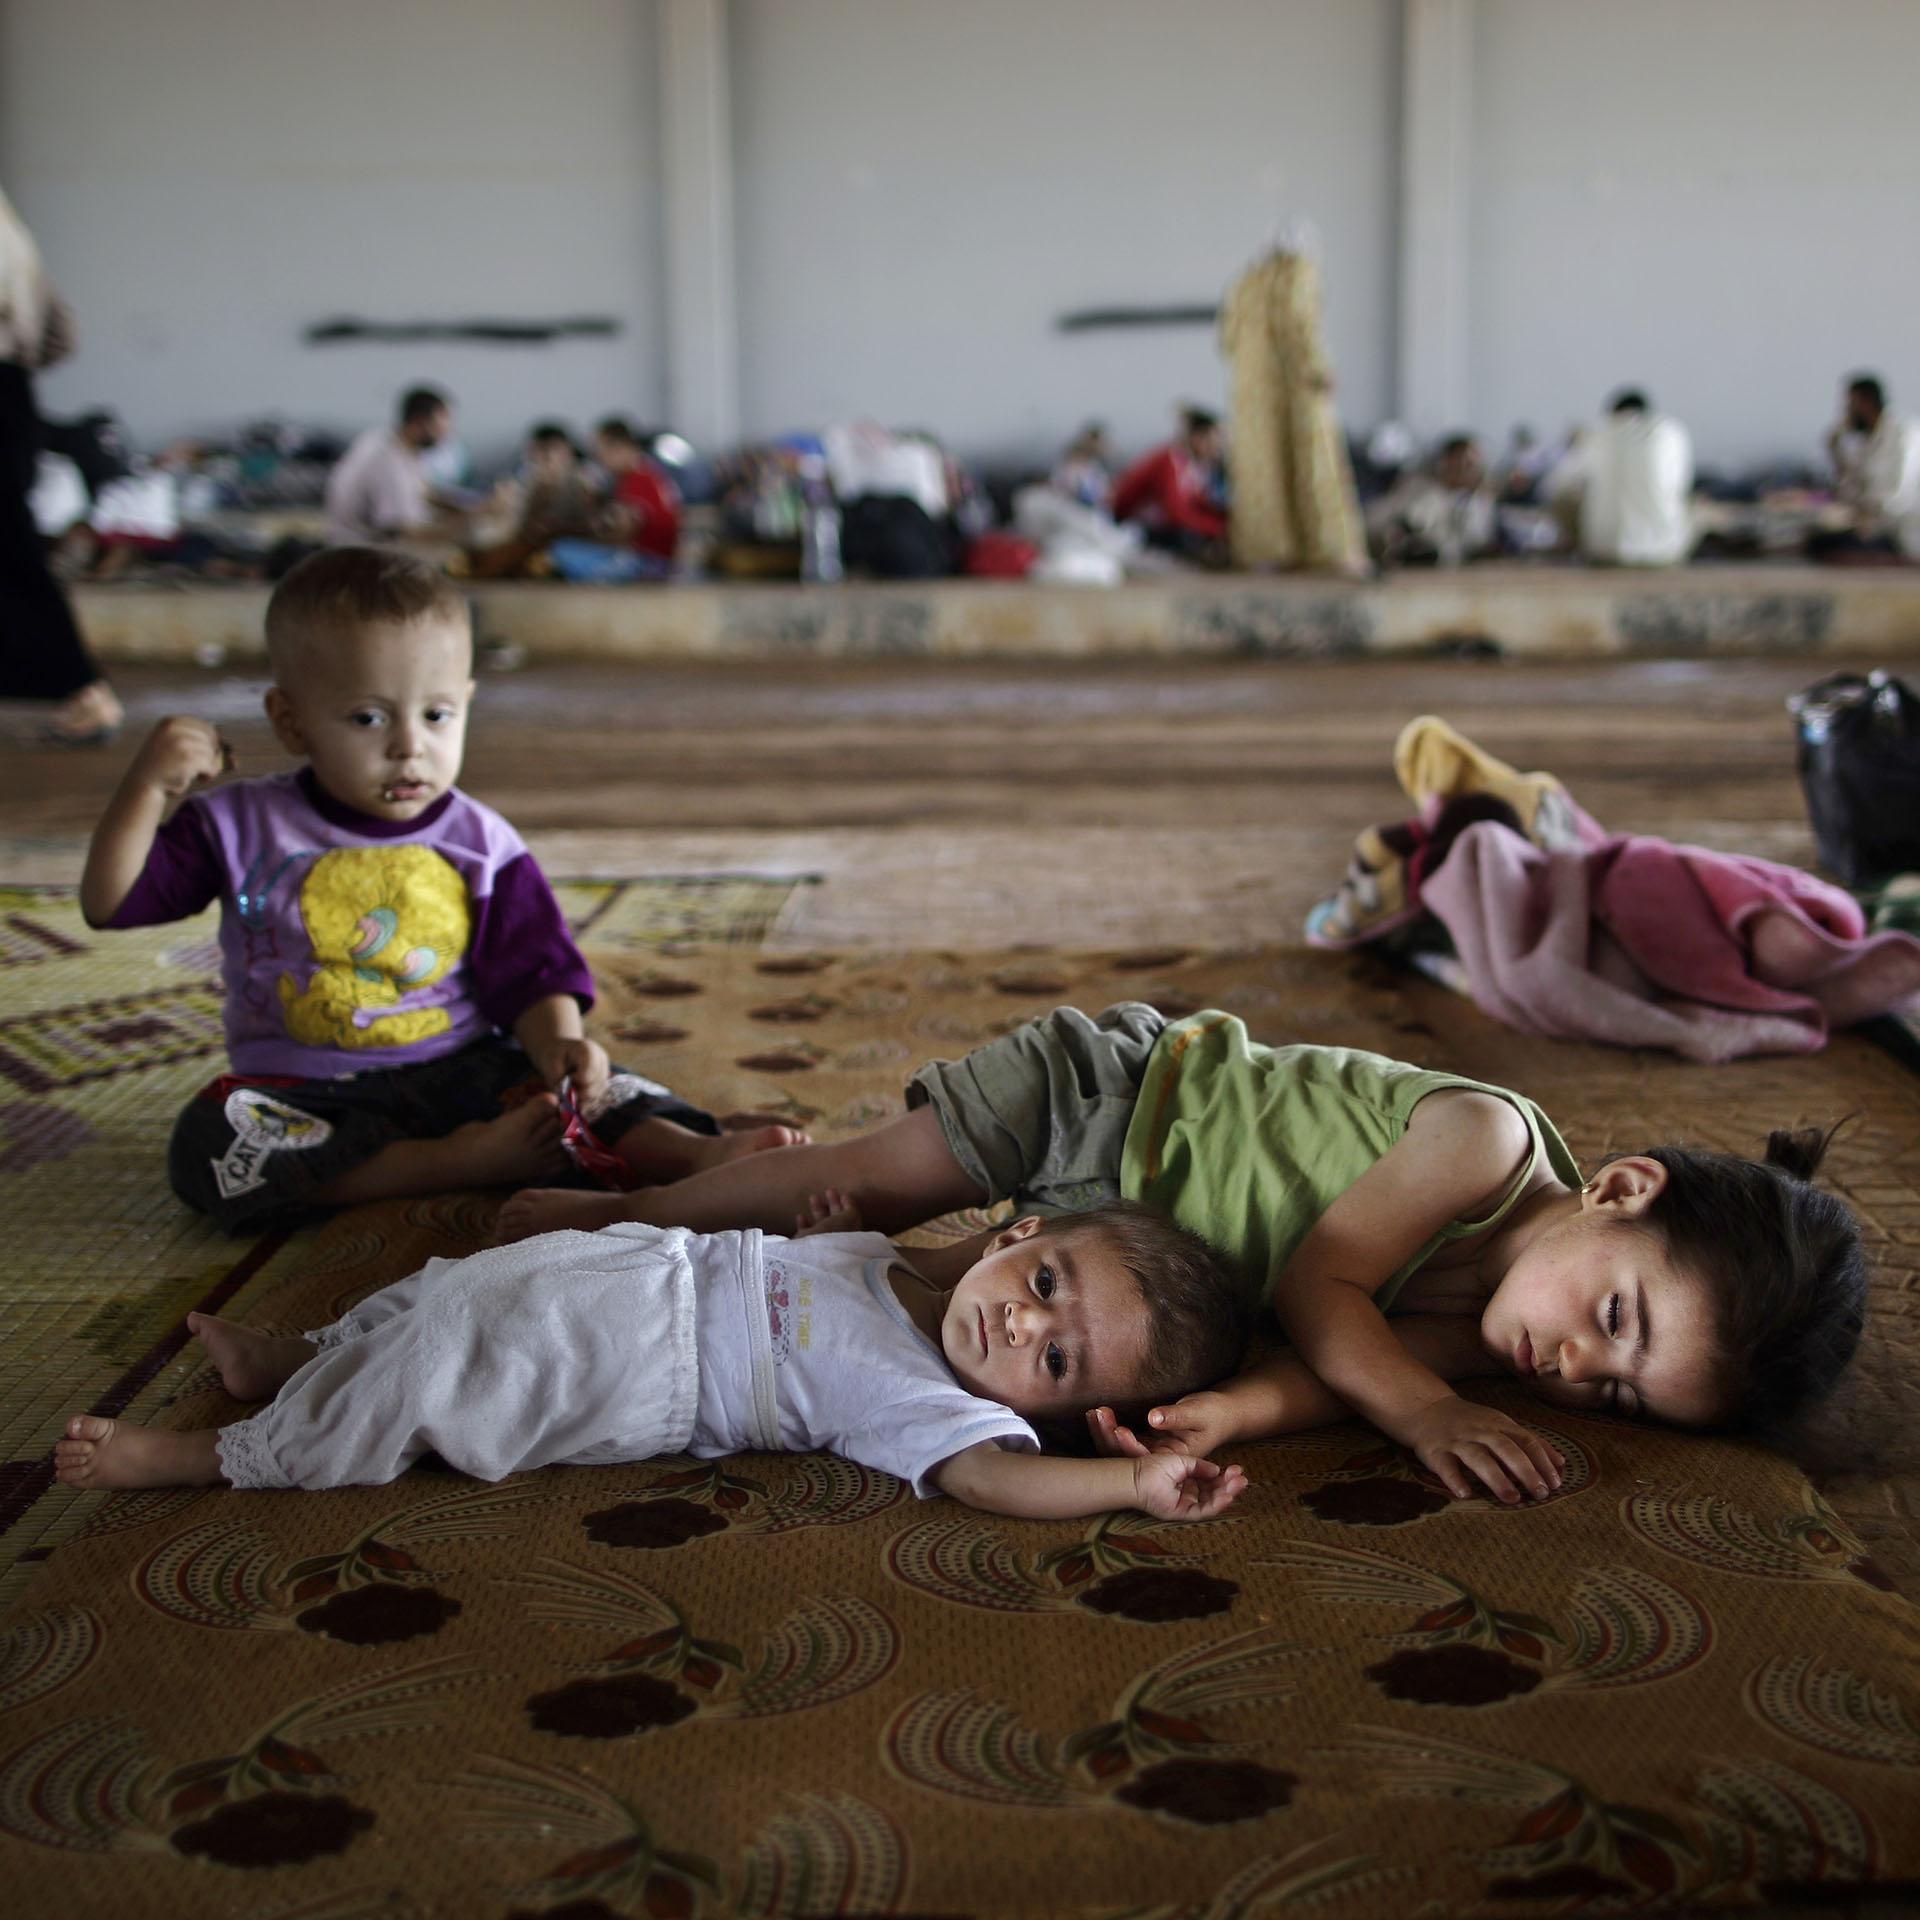 Niños sirios que huyeron de sus ciudades junto a sus familias, aguardan en el puesto aduanero de Bab Al-Salameh para lograr ingresar a un campo de refugiados en Turquía (AFP)